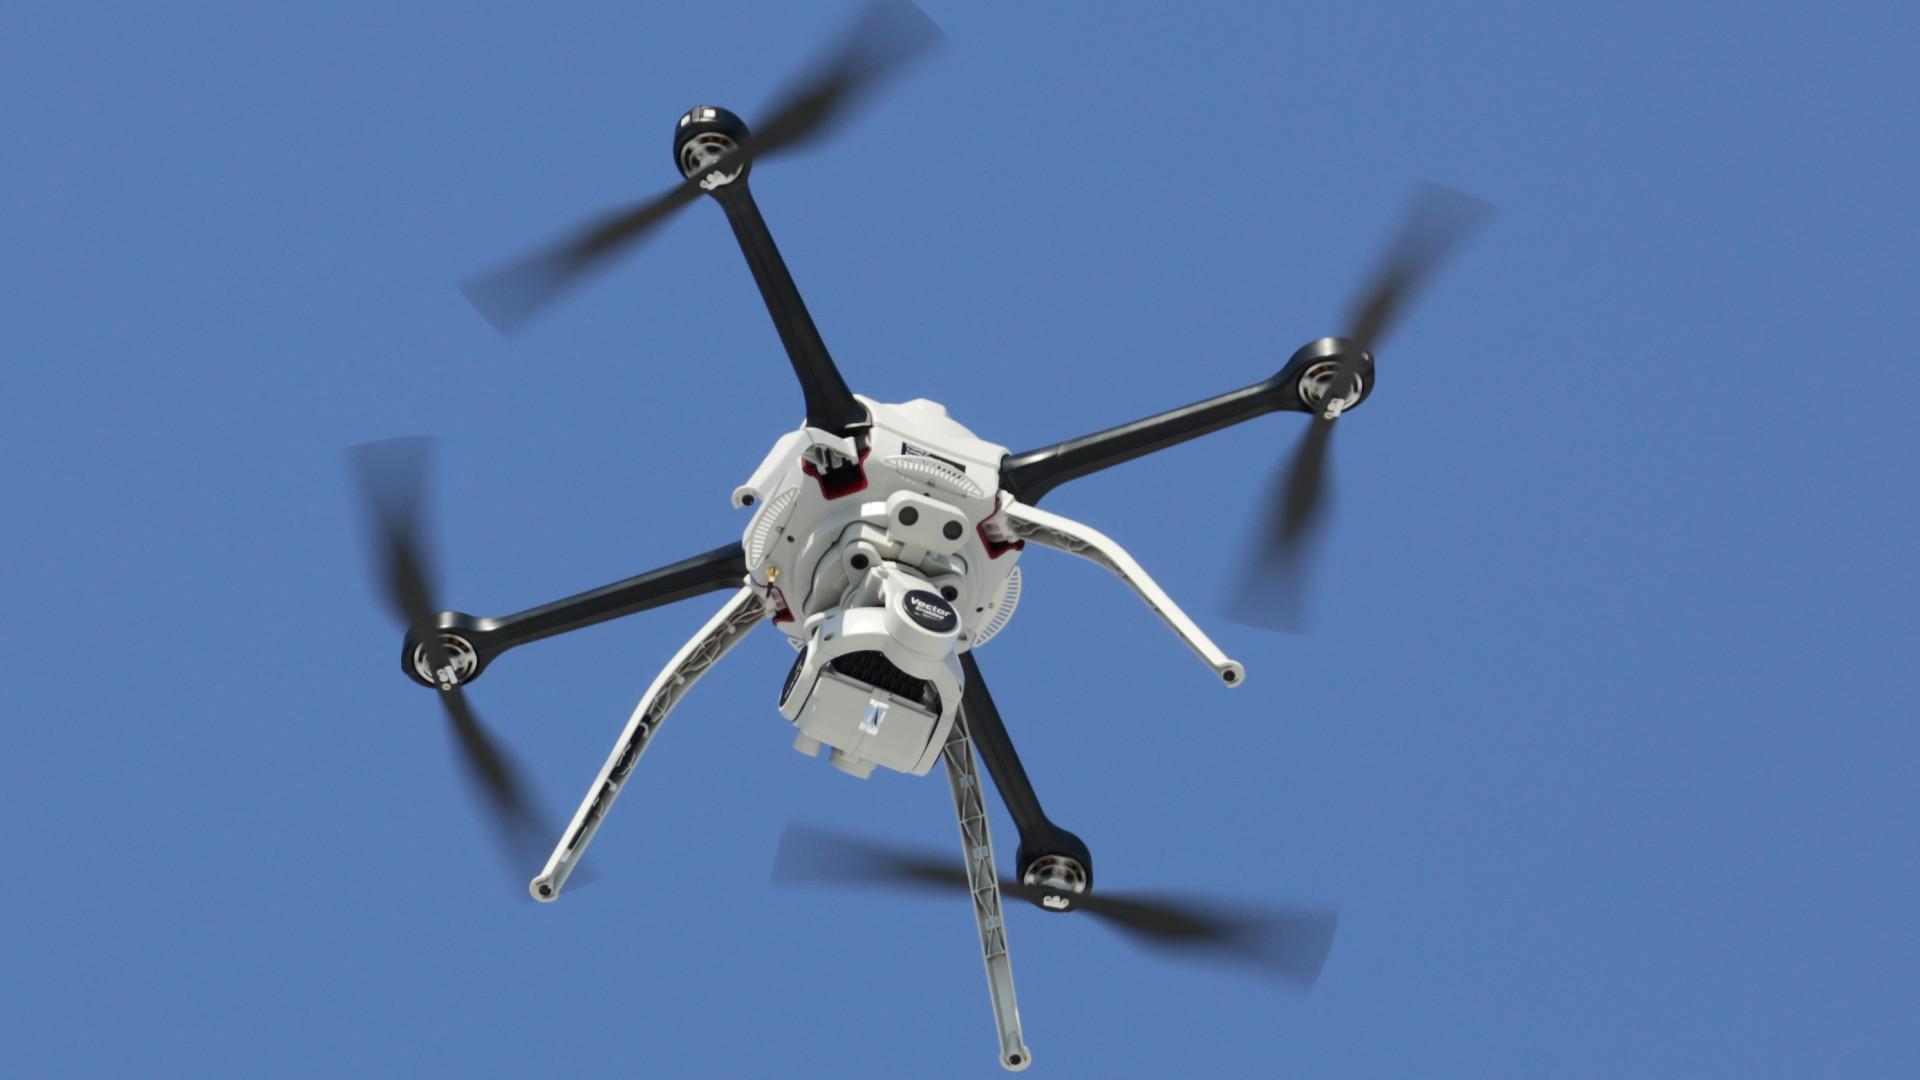 Drones ajudam autoridades a reconstruir cenas de acidentes de carro